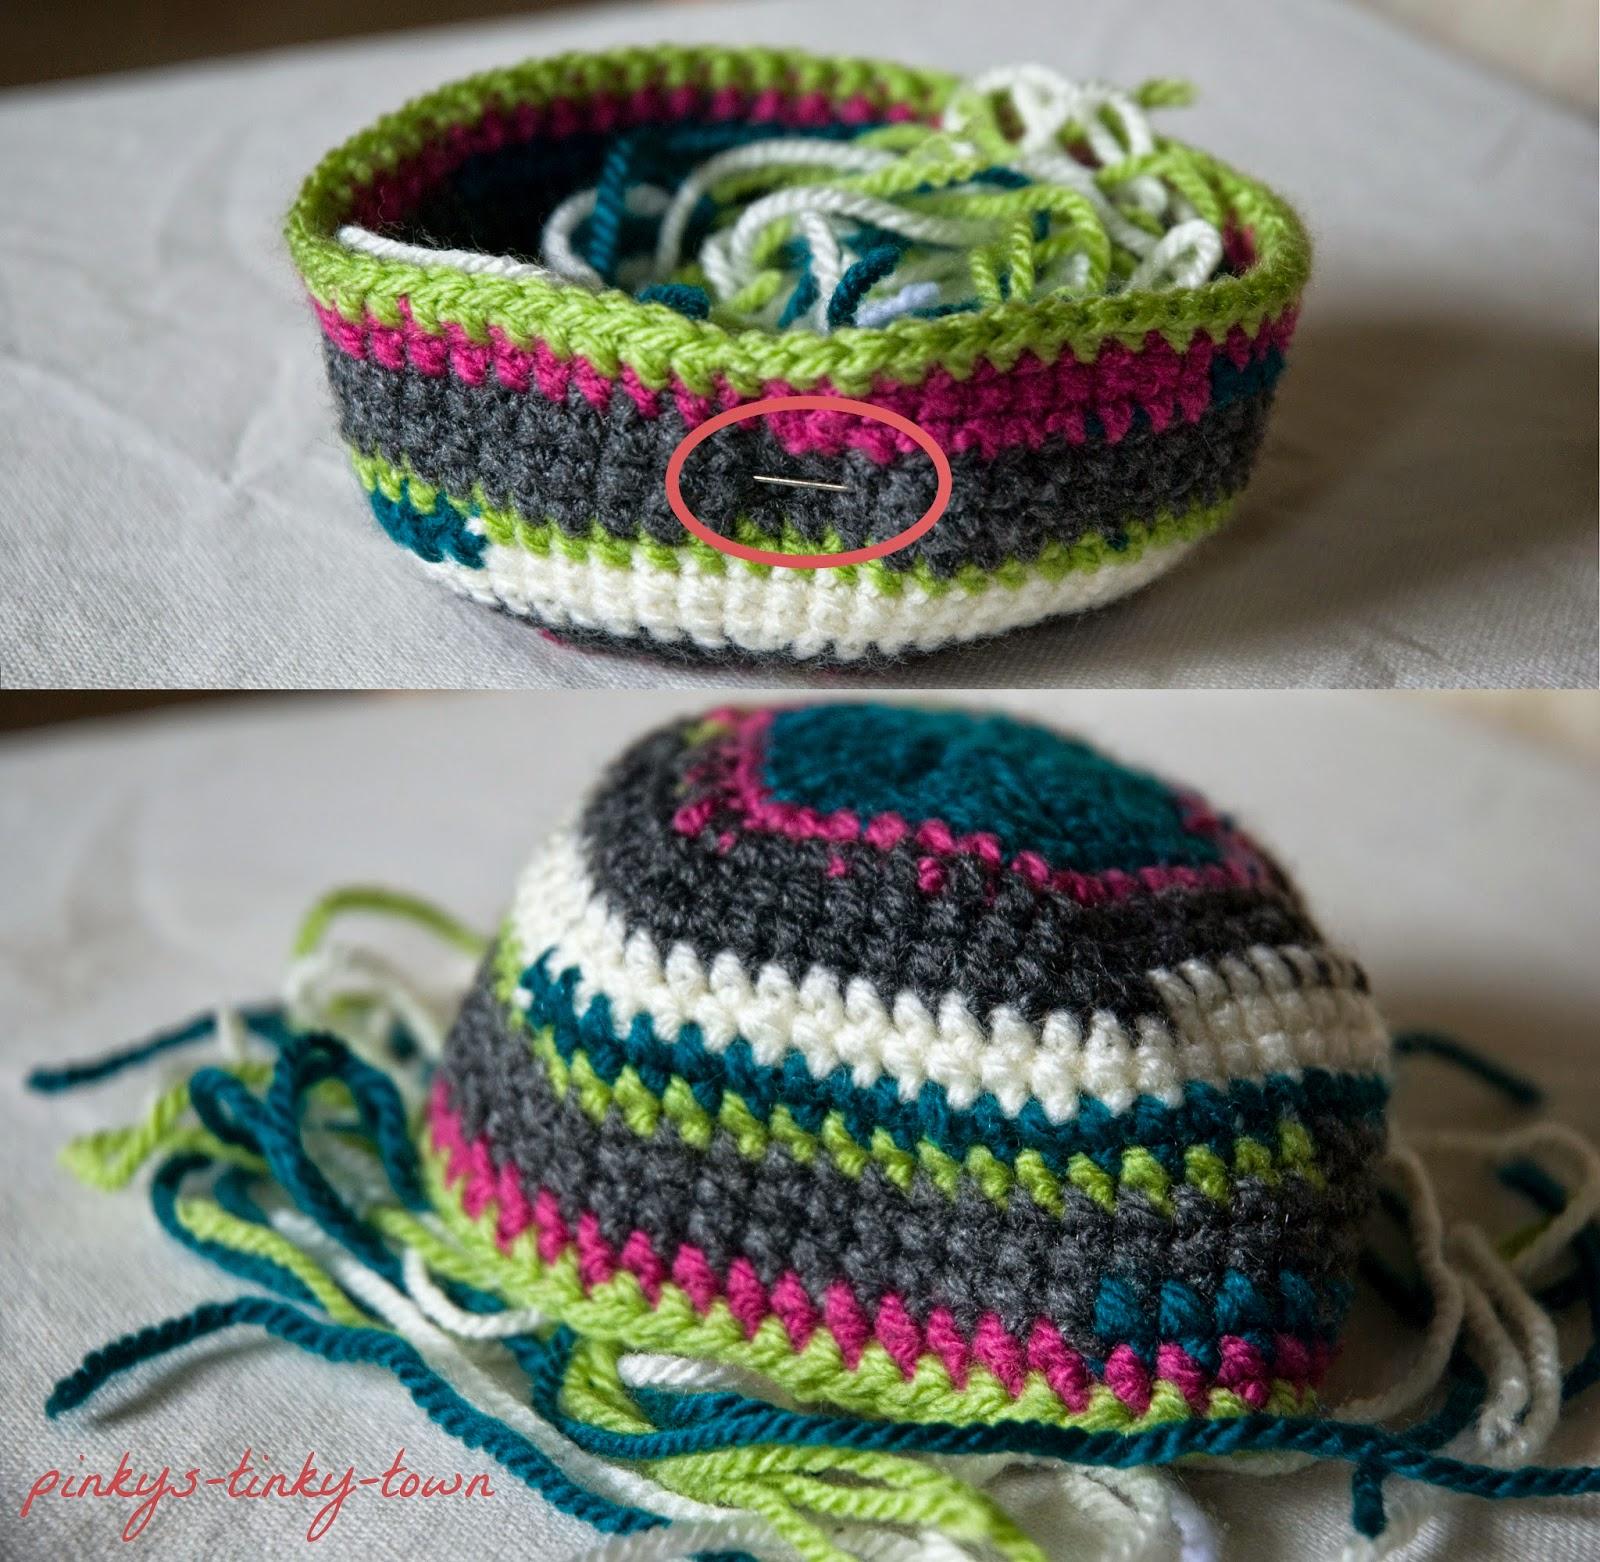 Pinkys Tinky Town Crochet Wollreste Zum Sammeln Von Wollresten